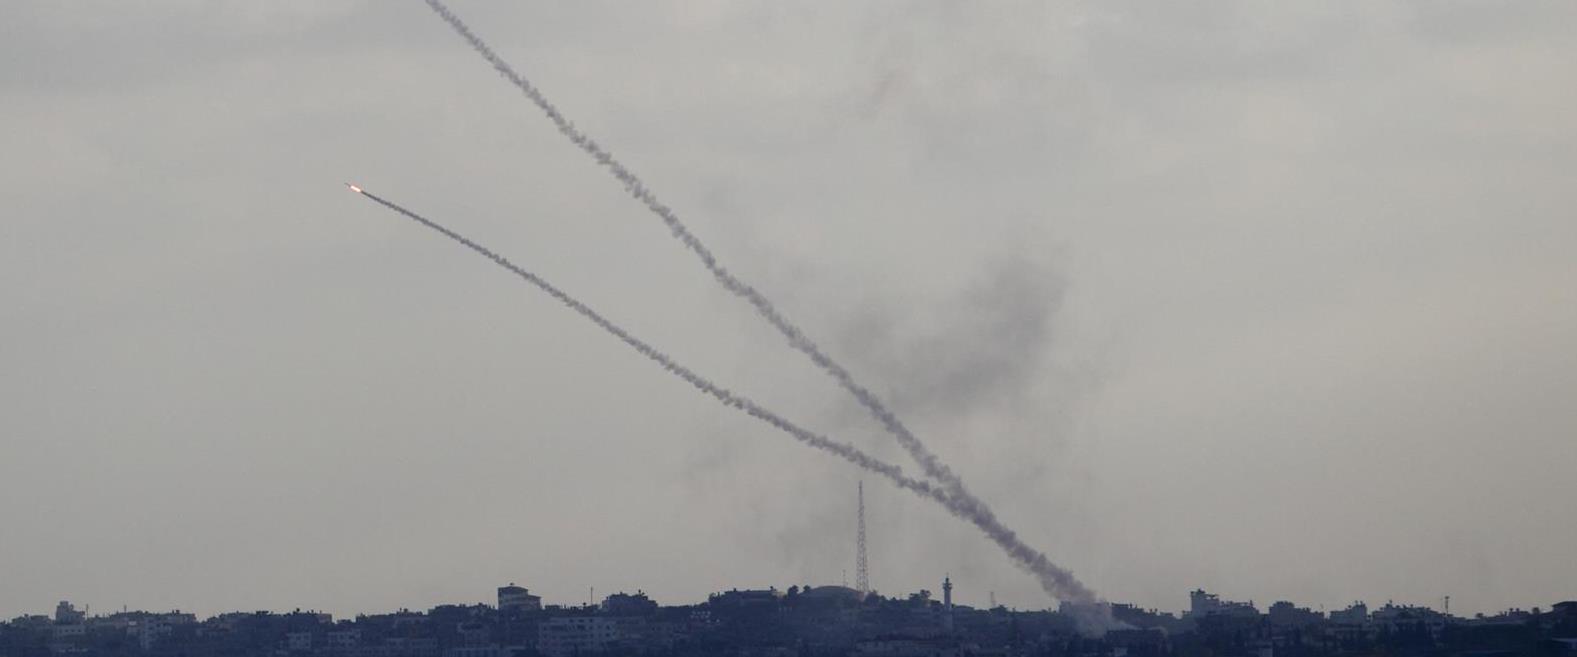 ירי רקטה לעבר ישראל